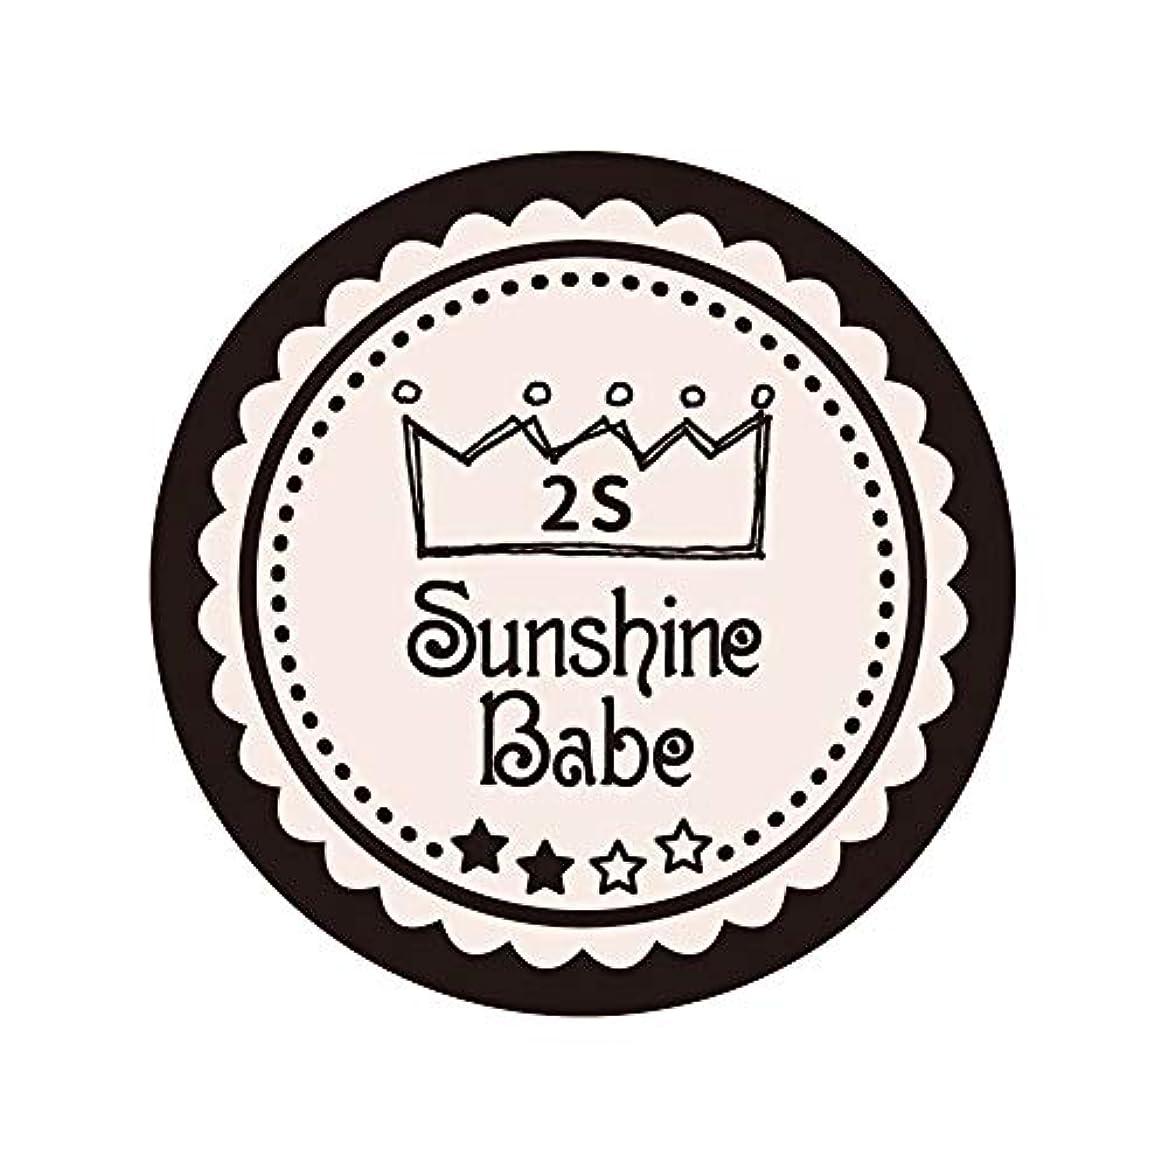 発生器デモンストレーションビジターSunshine Babe カラージェル 2S オールモーストモーブ 2.7g UV/LED対応